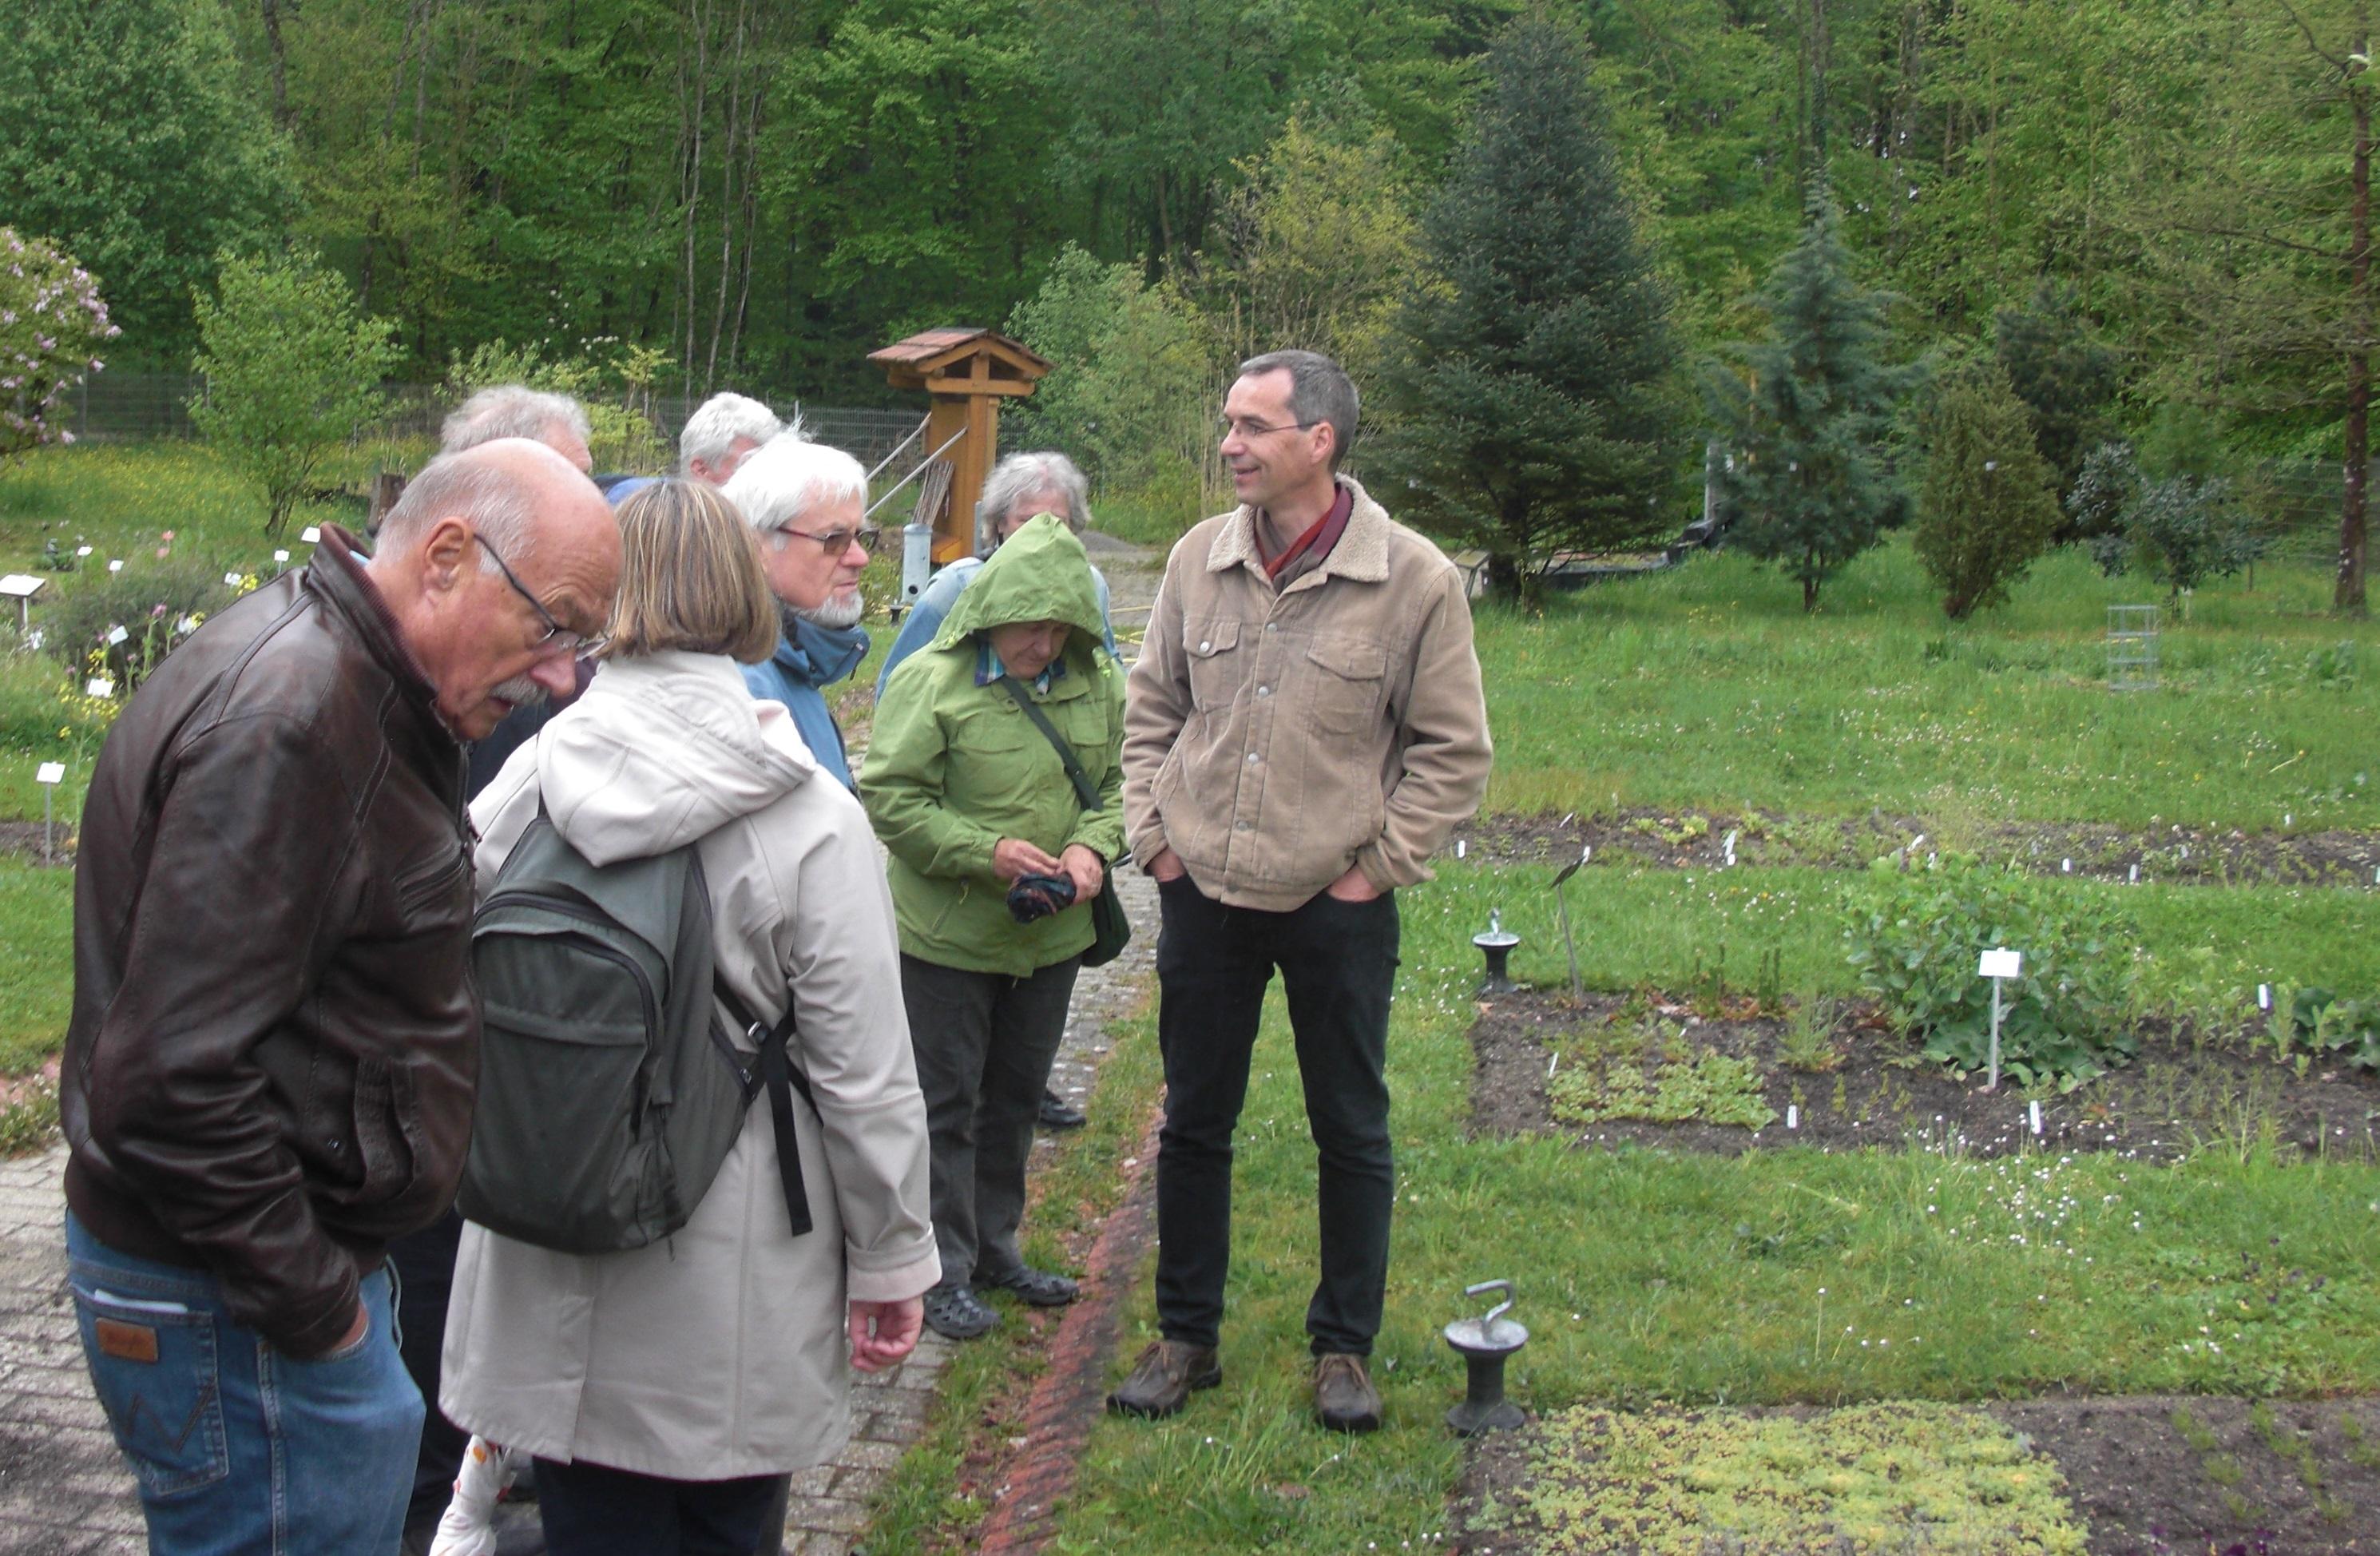 Dr. Gregor Schmitz (r.) im Freigelände des Botanischen Gartens Konstanz (Foto: Matthias Appelt)